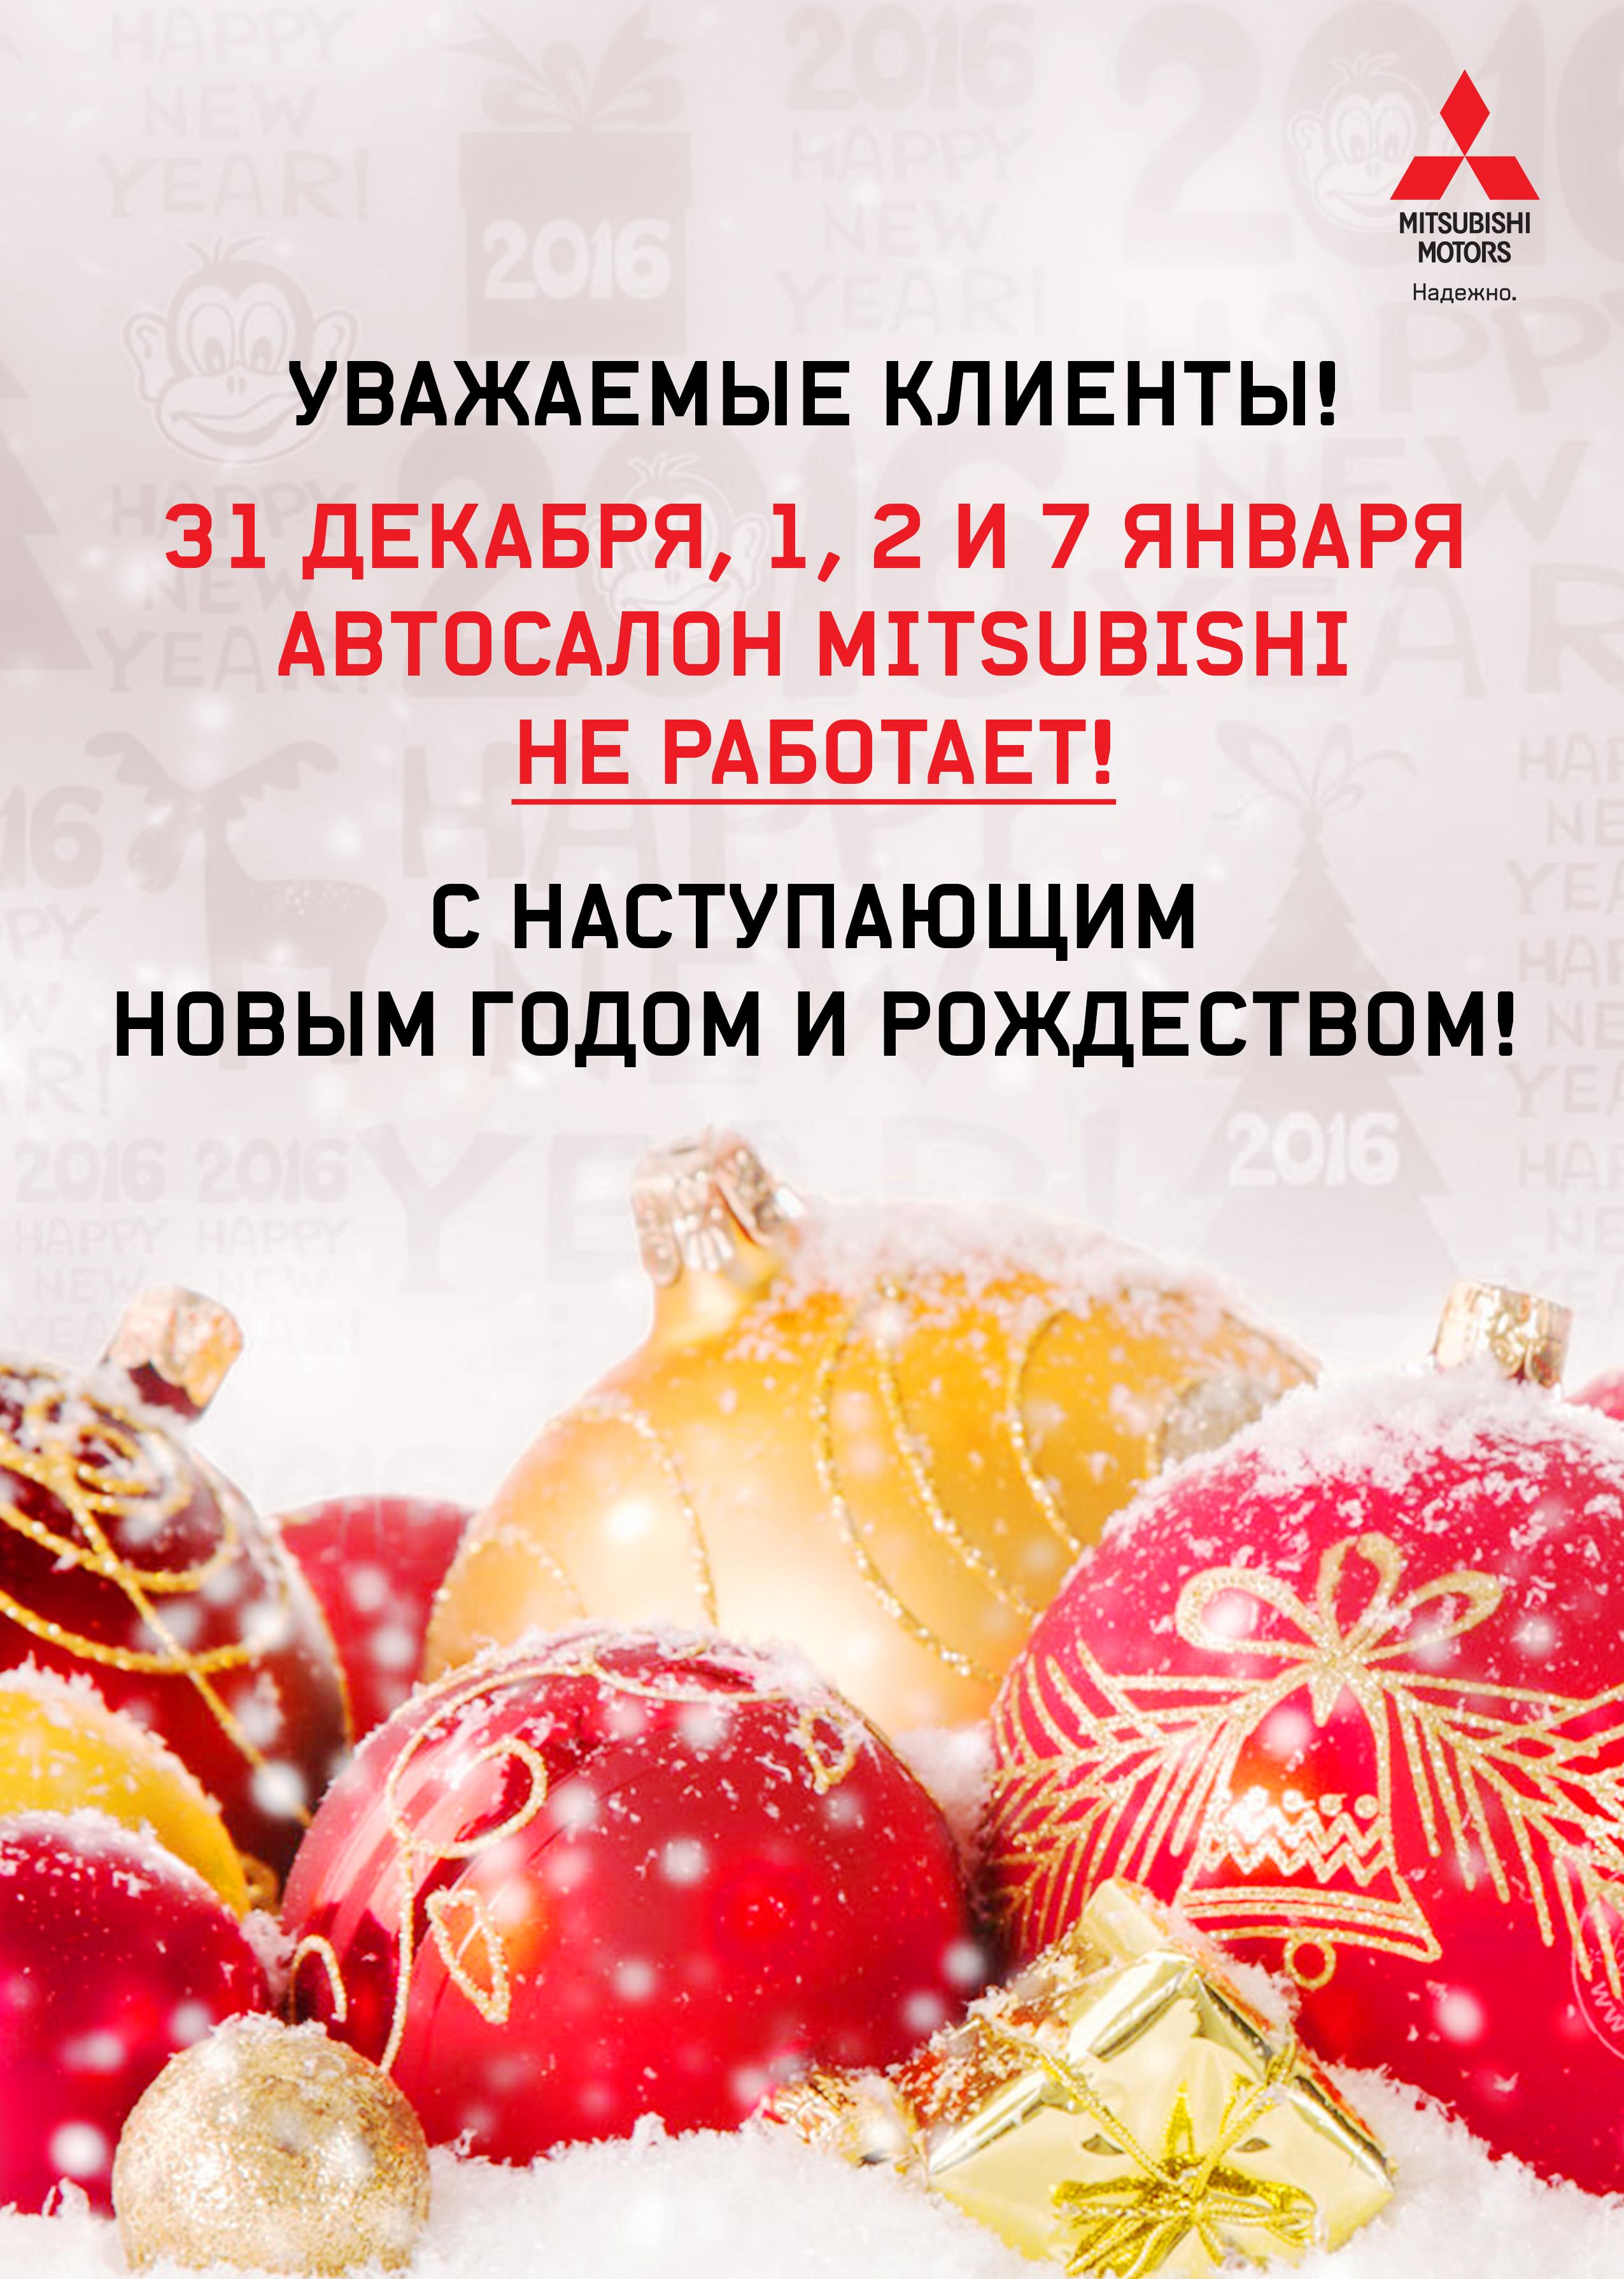 График работы в новогодние праздники: samavto-mitsubishi.ru/news/grafik-raboty-v-novogodnie-prazdniki